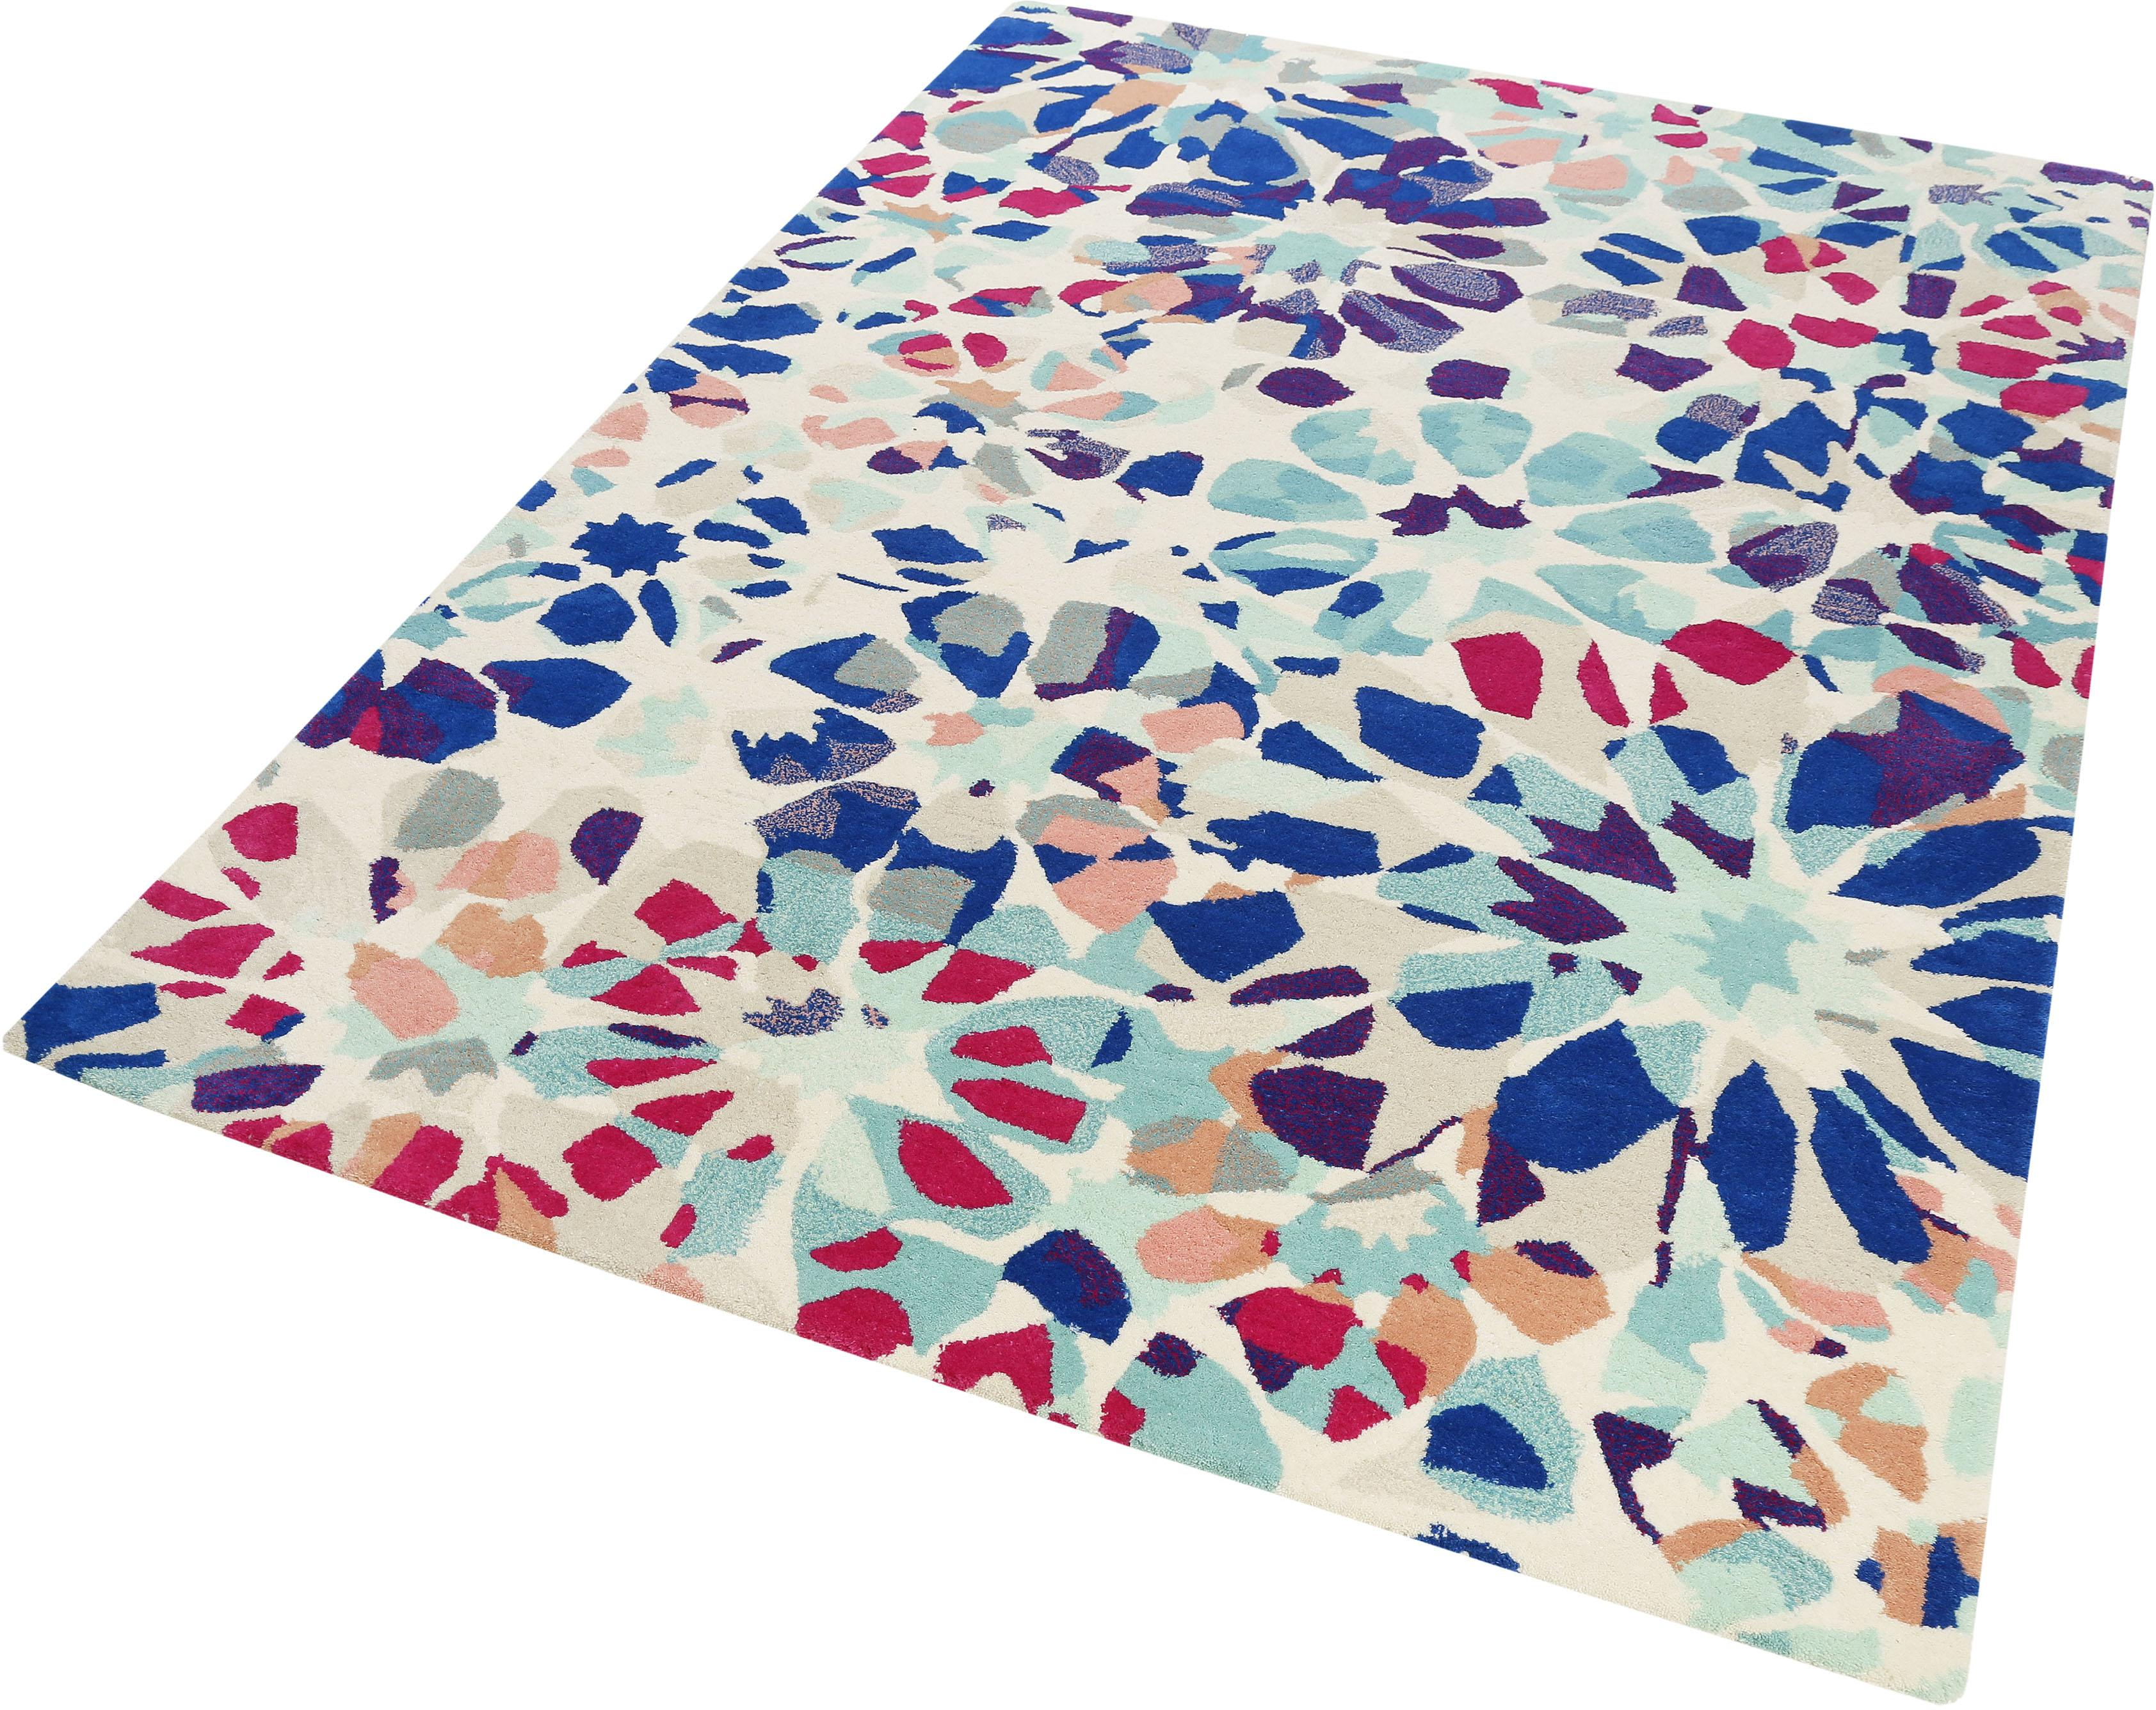 Image of Wollteppich, »Kaleidoscopes«, Accessorize Home, rechteckig, Höhe 16 mm, handgetuftet